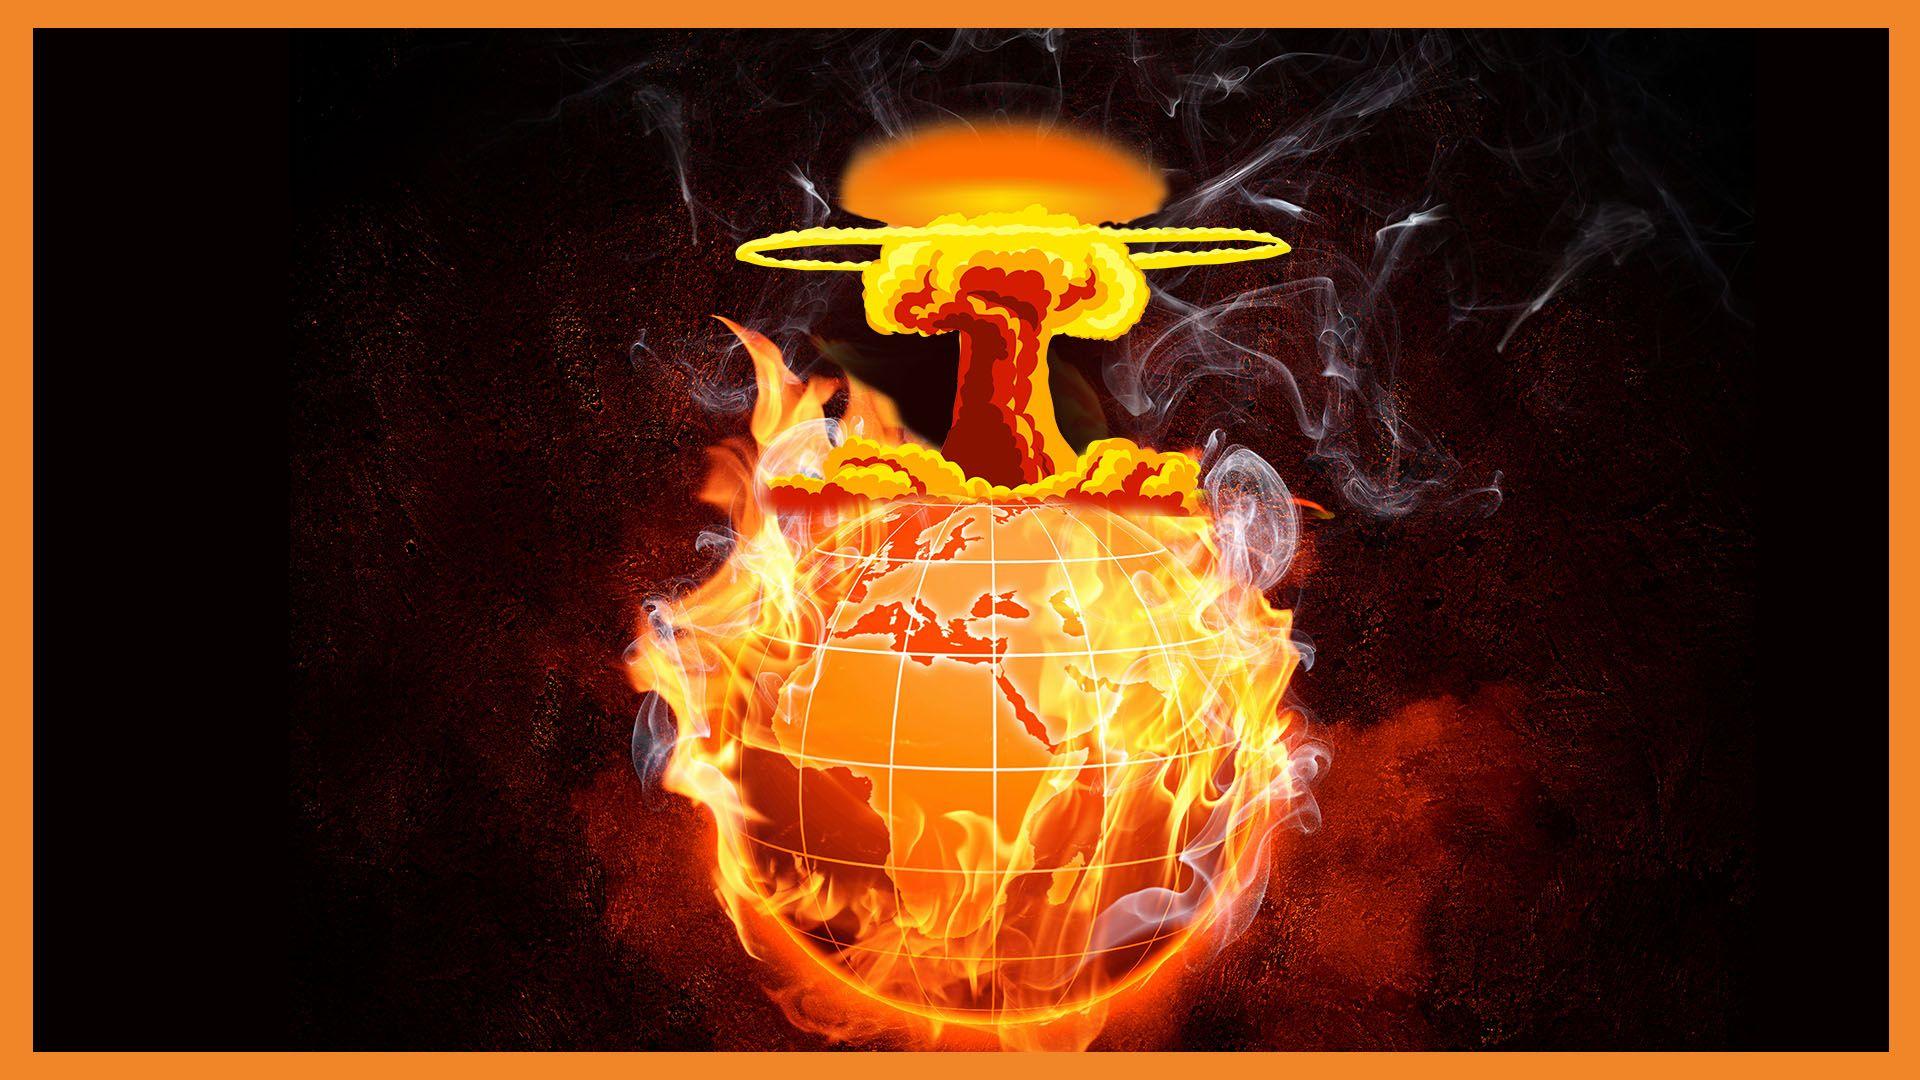 Eine brennende Erde, aus der ein Atompilz herauskommt.